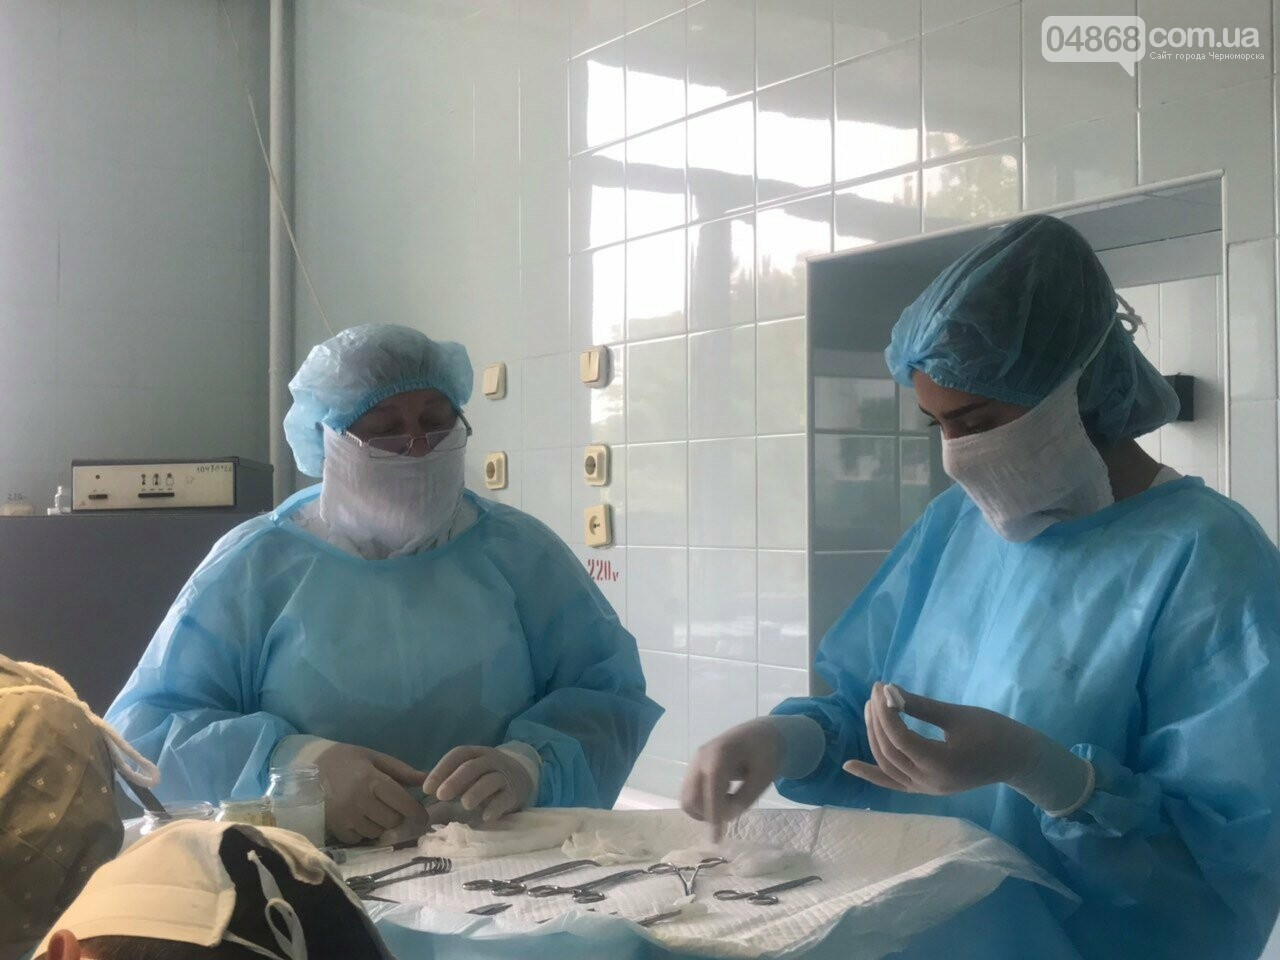 «Сестра, скальпель»: профессиональный праздник отмечают операционные медицинские сестры, фото-2